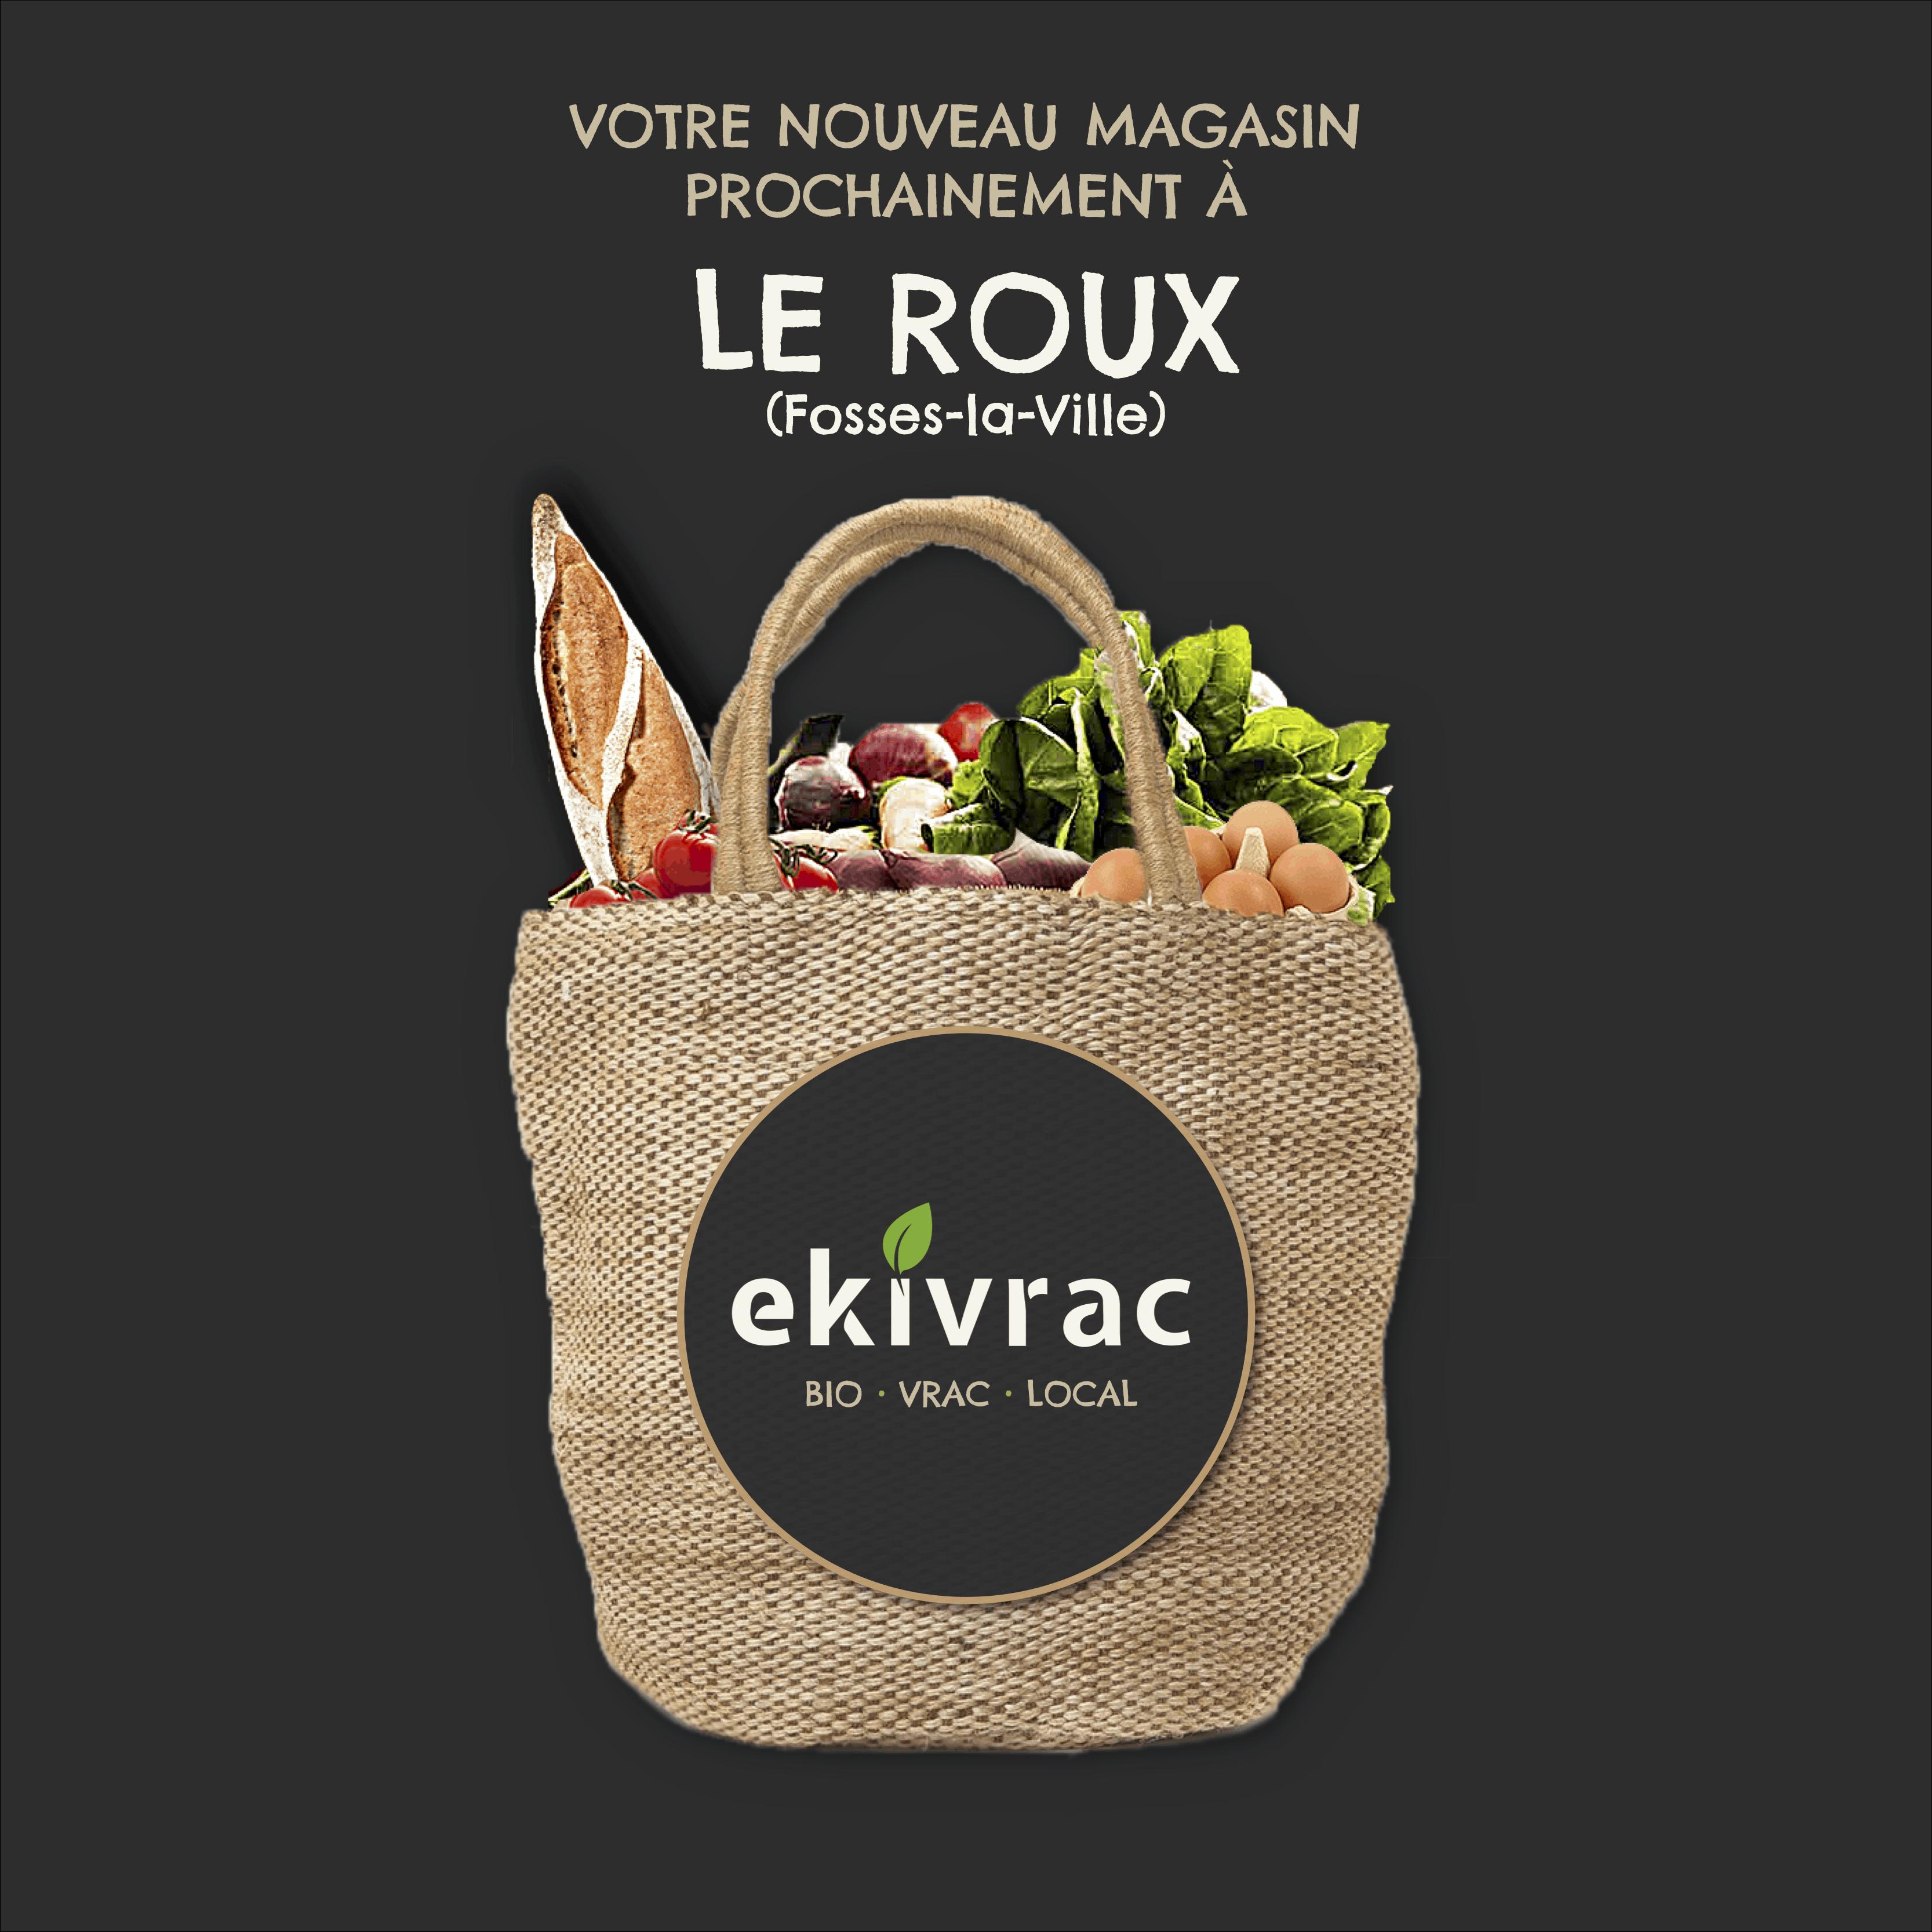 Ekivrac Le Roux (Fosses-la-Ville)